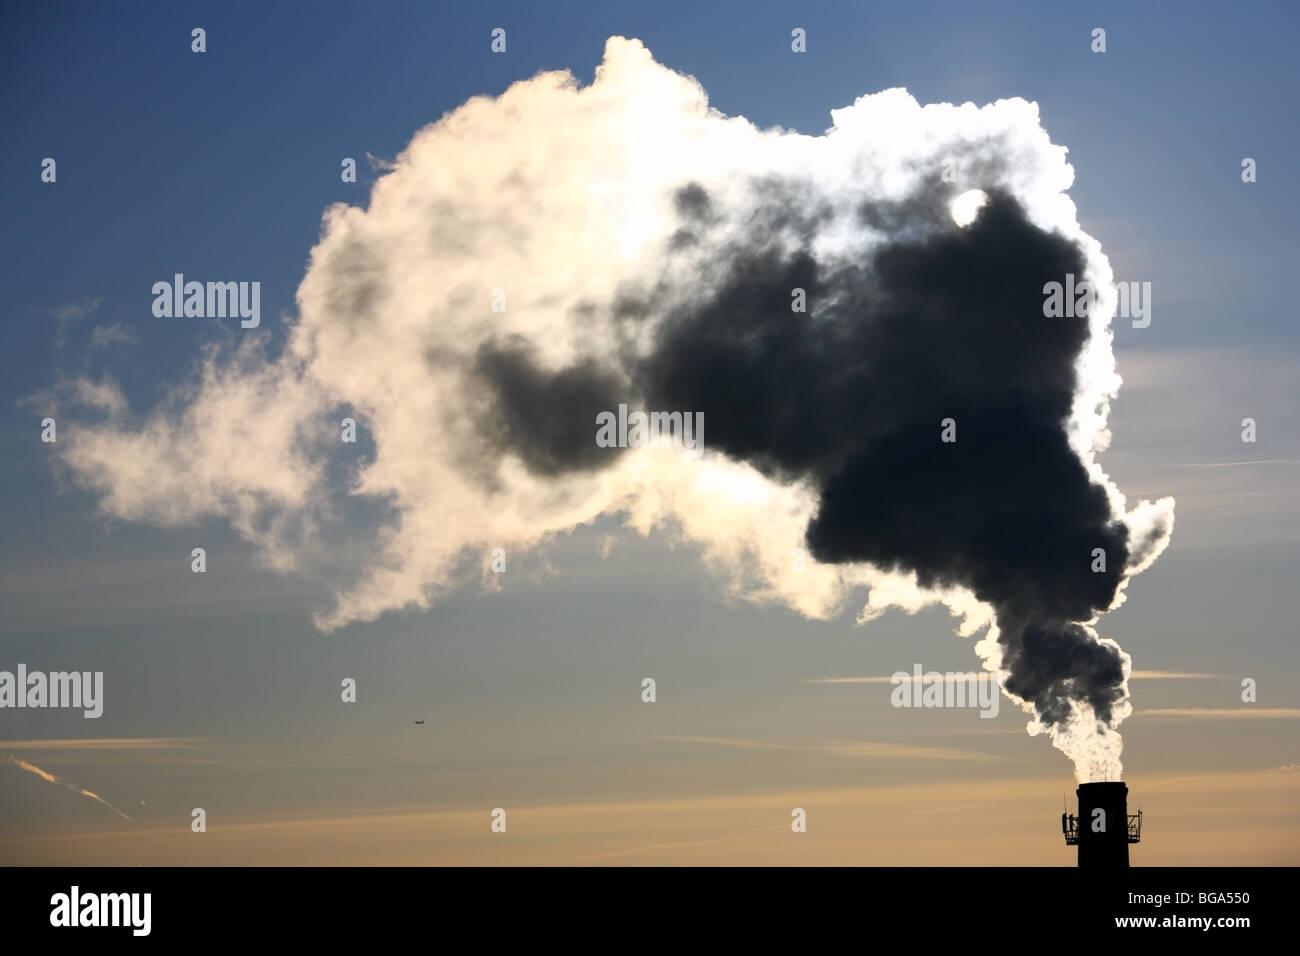 La contaminación. Espeso humo de la chimenea en invierno por la mañana. Imagen De Stock